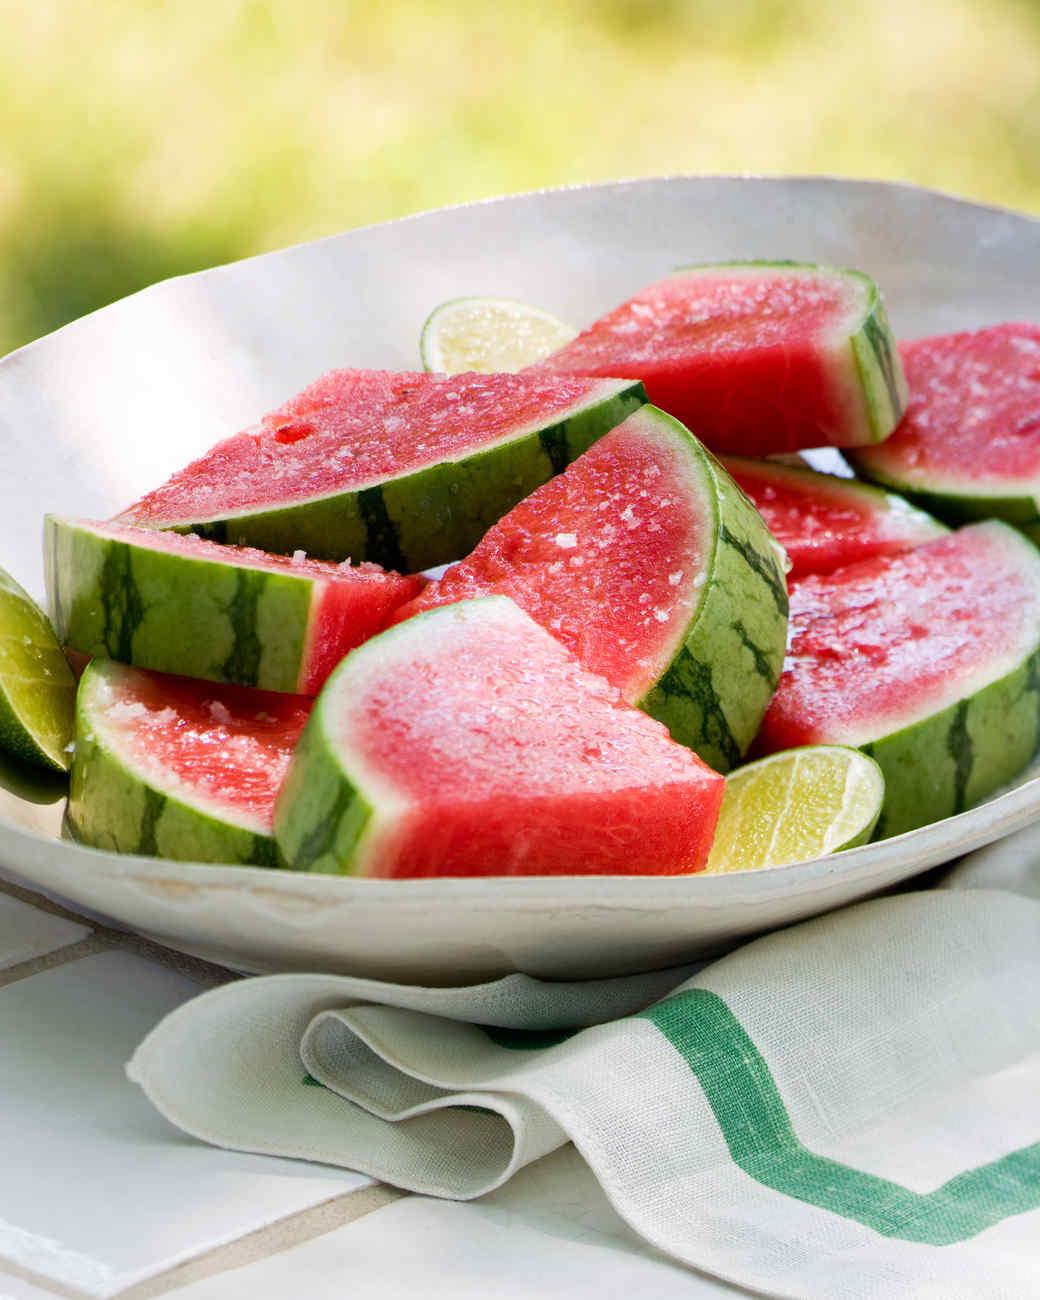 watermelon tray